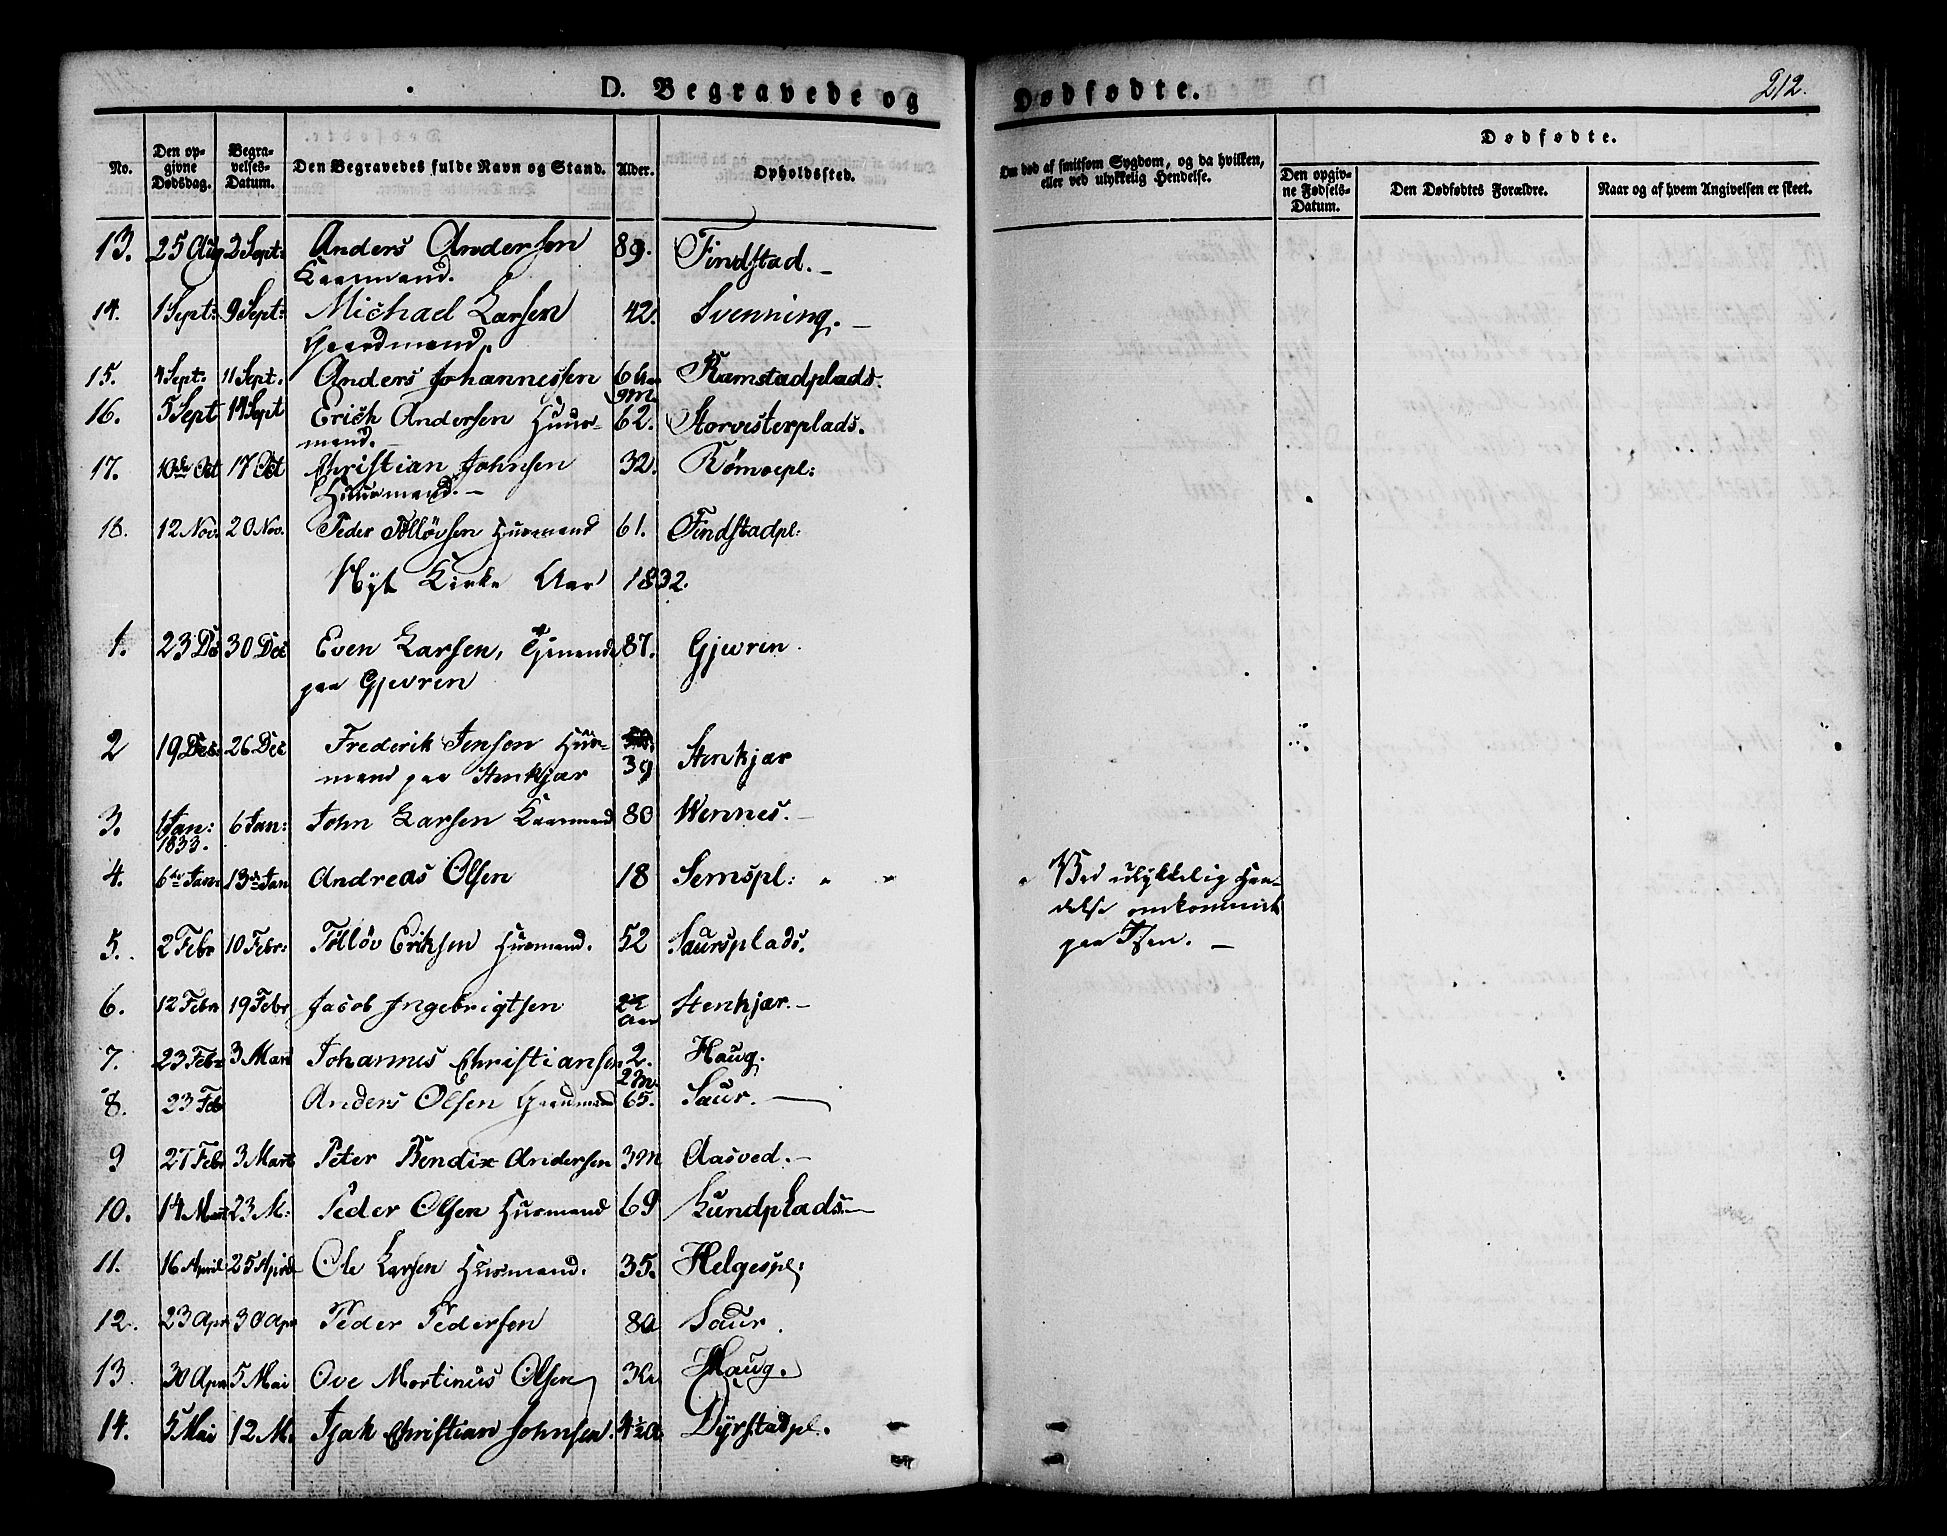 SAT, Ministerialprotokoller, klokkerbøker og fødselsregistre - Nord-Trøndelag, 746/L0445: Ministerialbok nr. 746A04, 1826-1846, s. 212